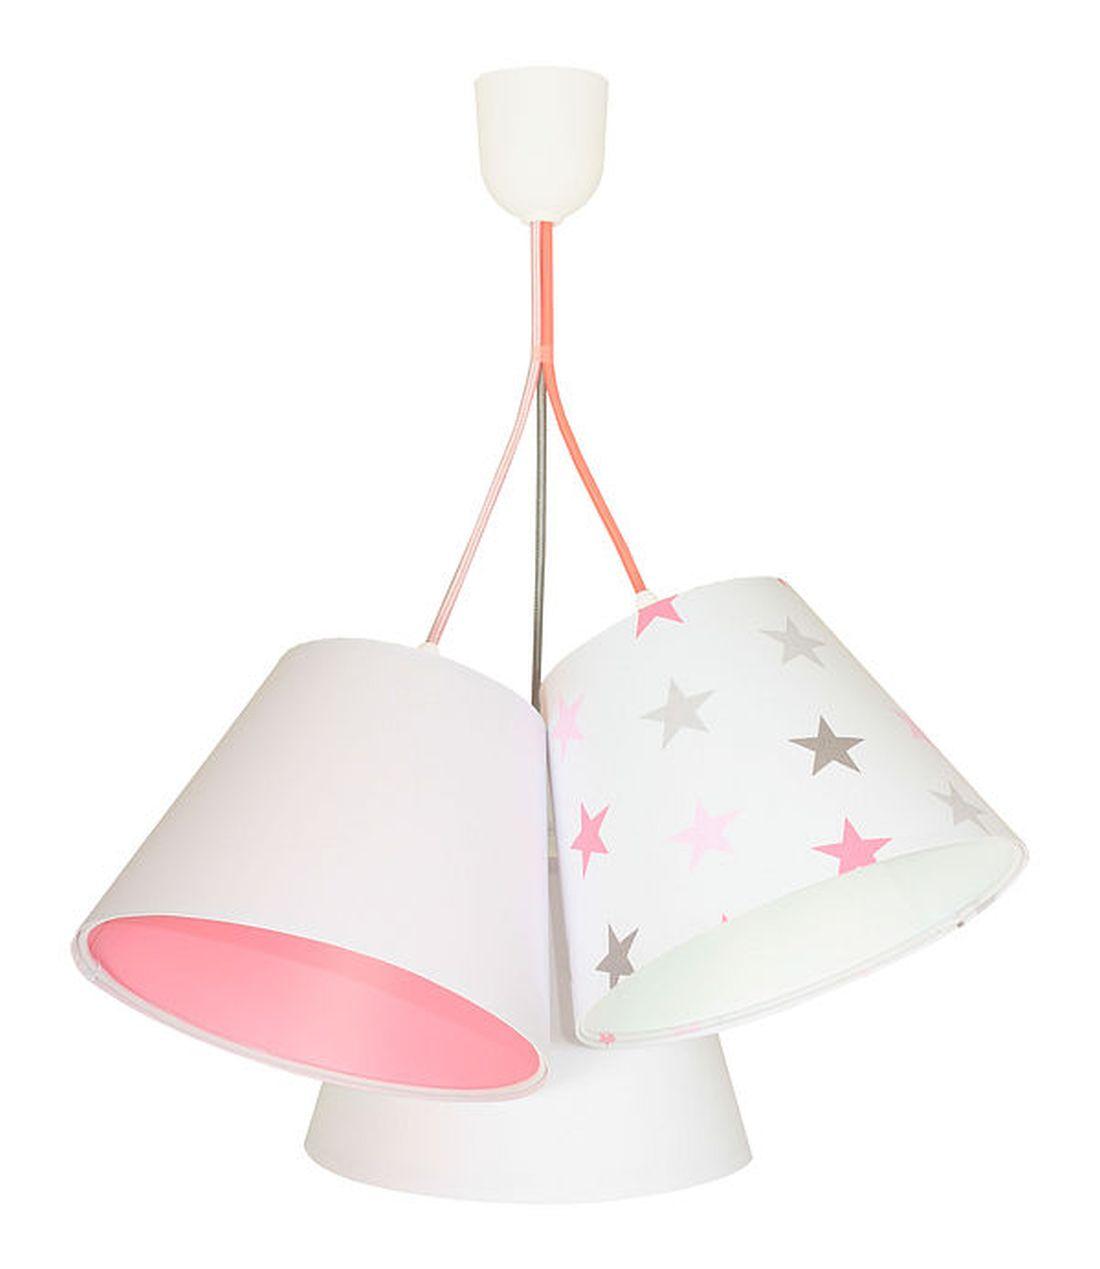 Hängelampe Schirm Weiß Rosa Sterne Stoff